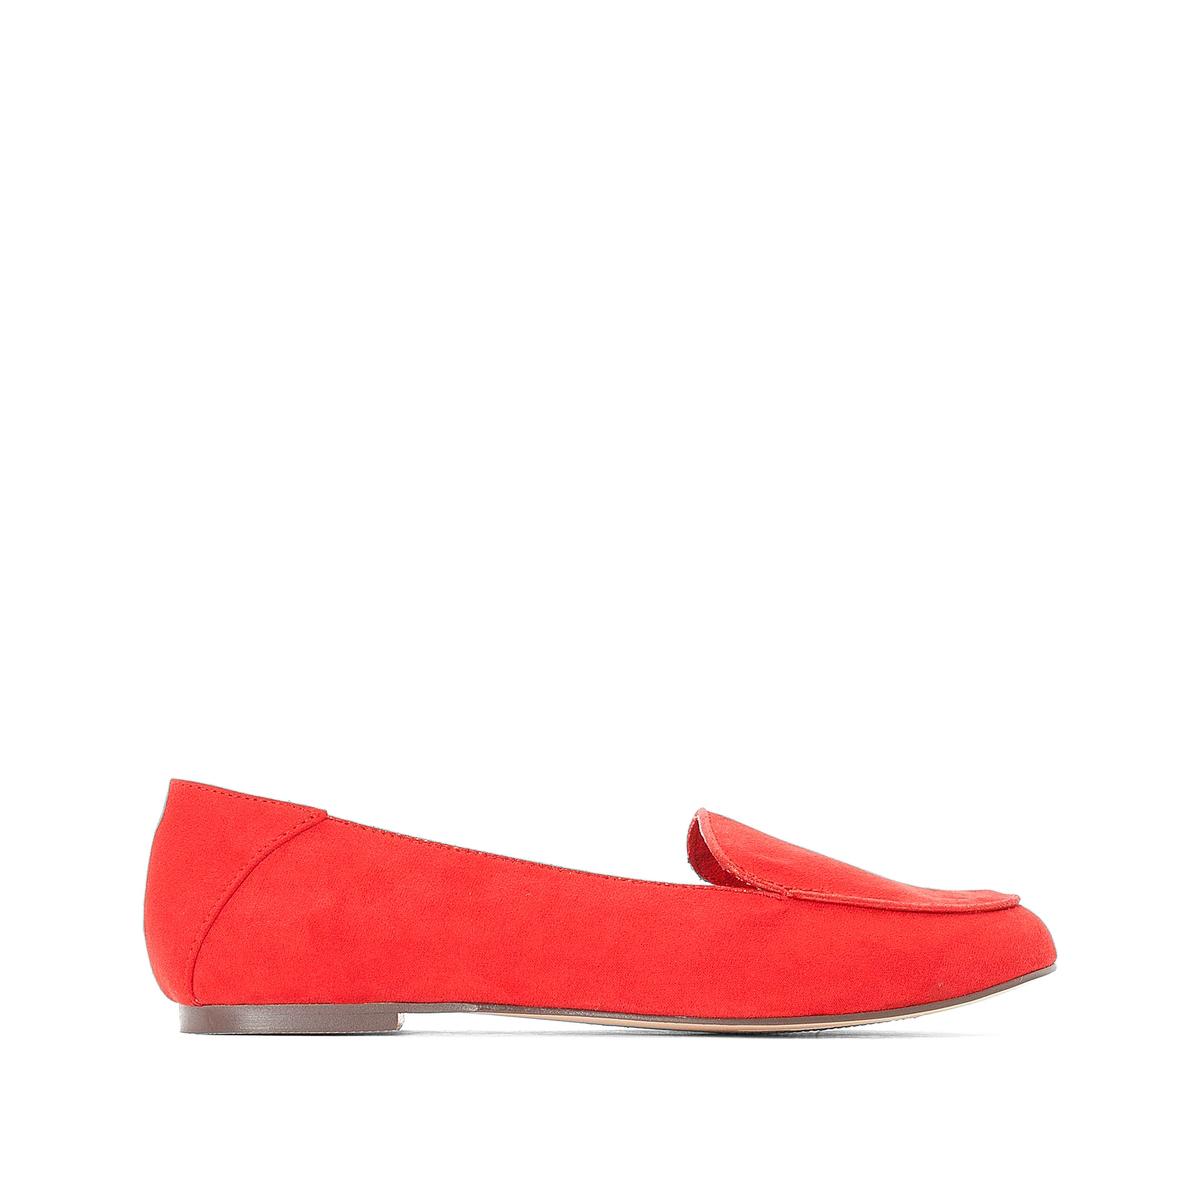 Балетки LaRedoute С кантом на плоском каблуке 36 красный балетки laredoute с завязкой вокруг щиколотки на плоском каблуке 37 розовый